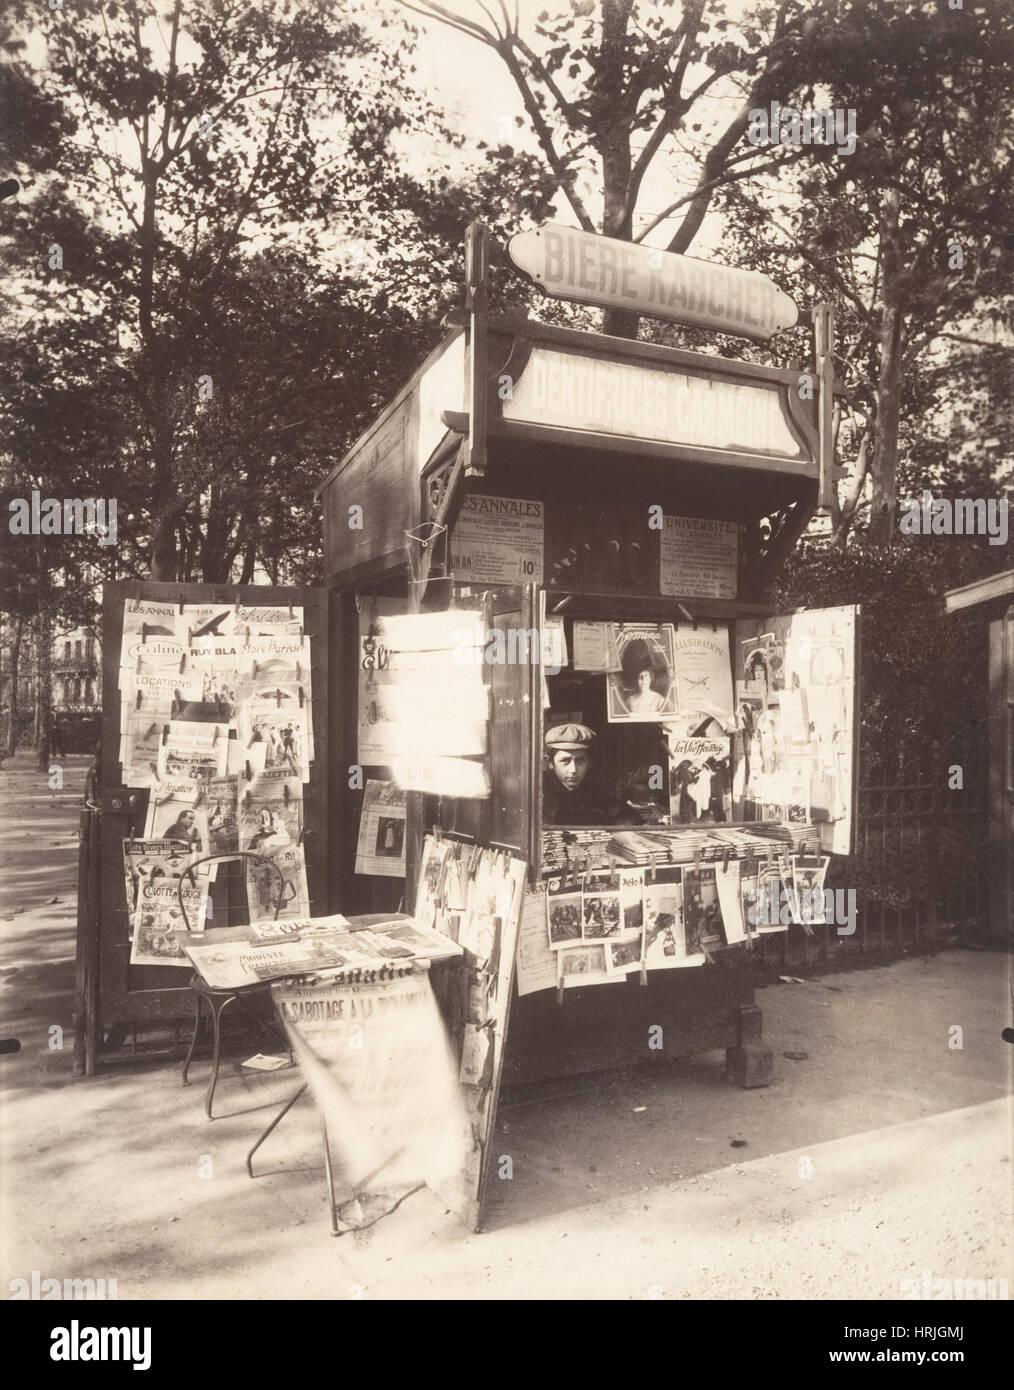 Paris Newsstand, Eug̬ne Atget, 1910s - Stock Image